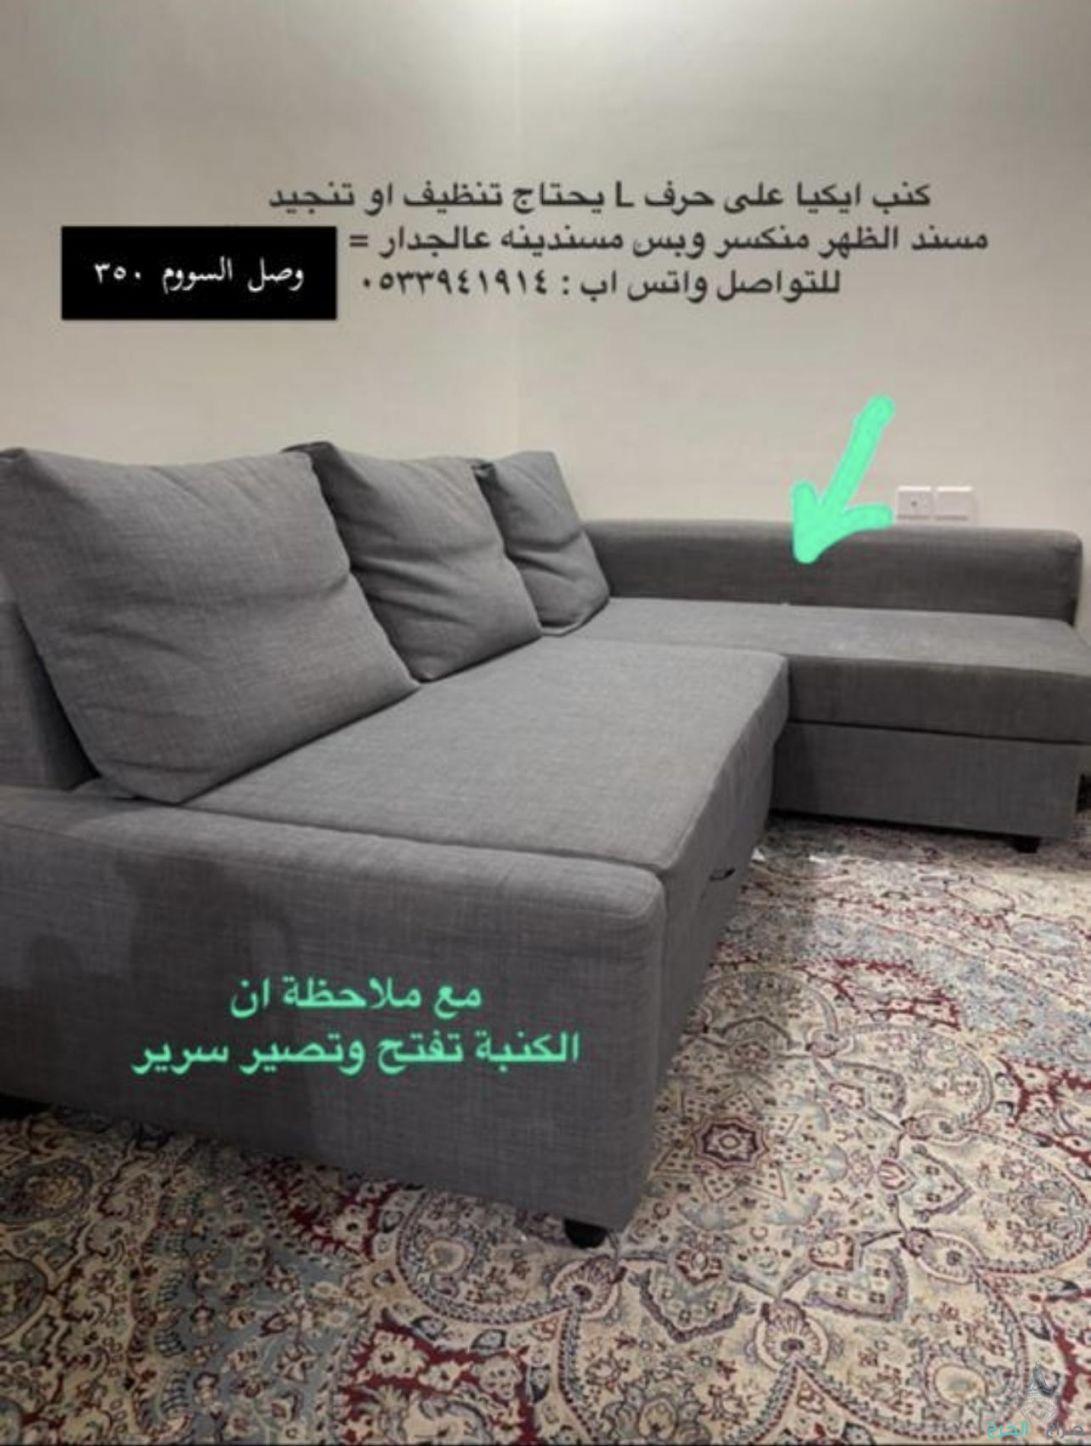 غرفة نوم+اريكة من ايكيا+طاولة طعام٨كراسي هوم سنتر